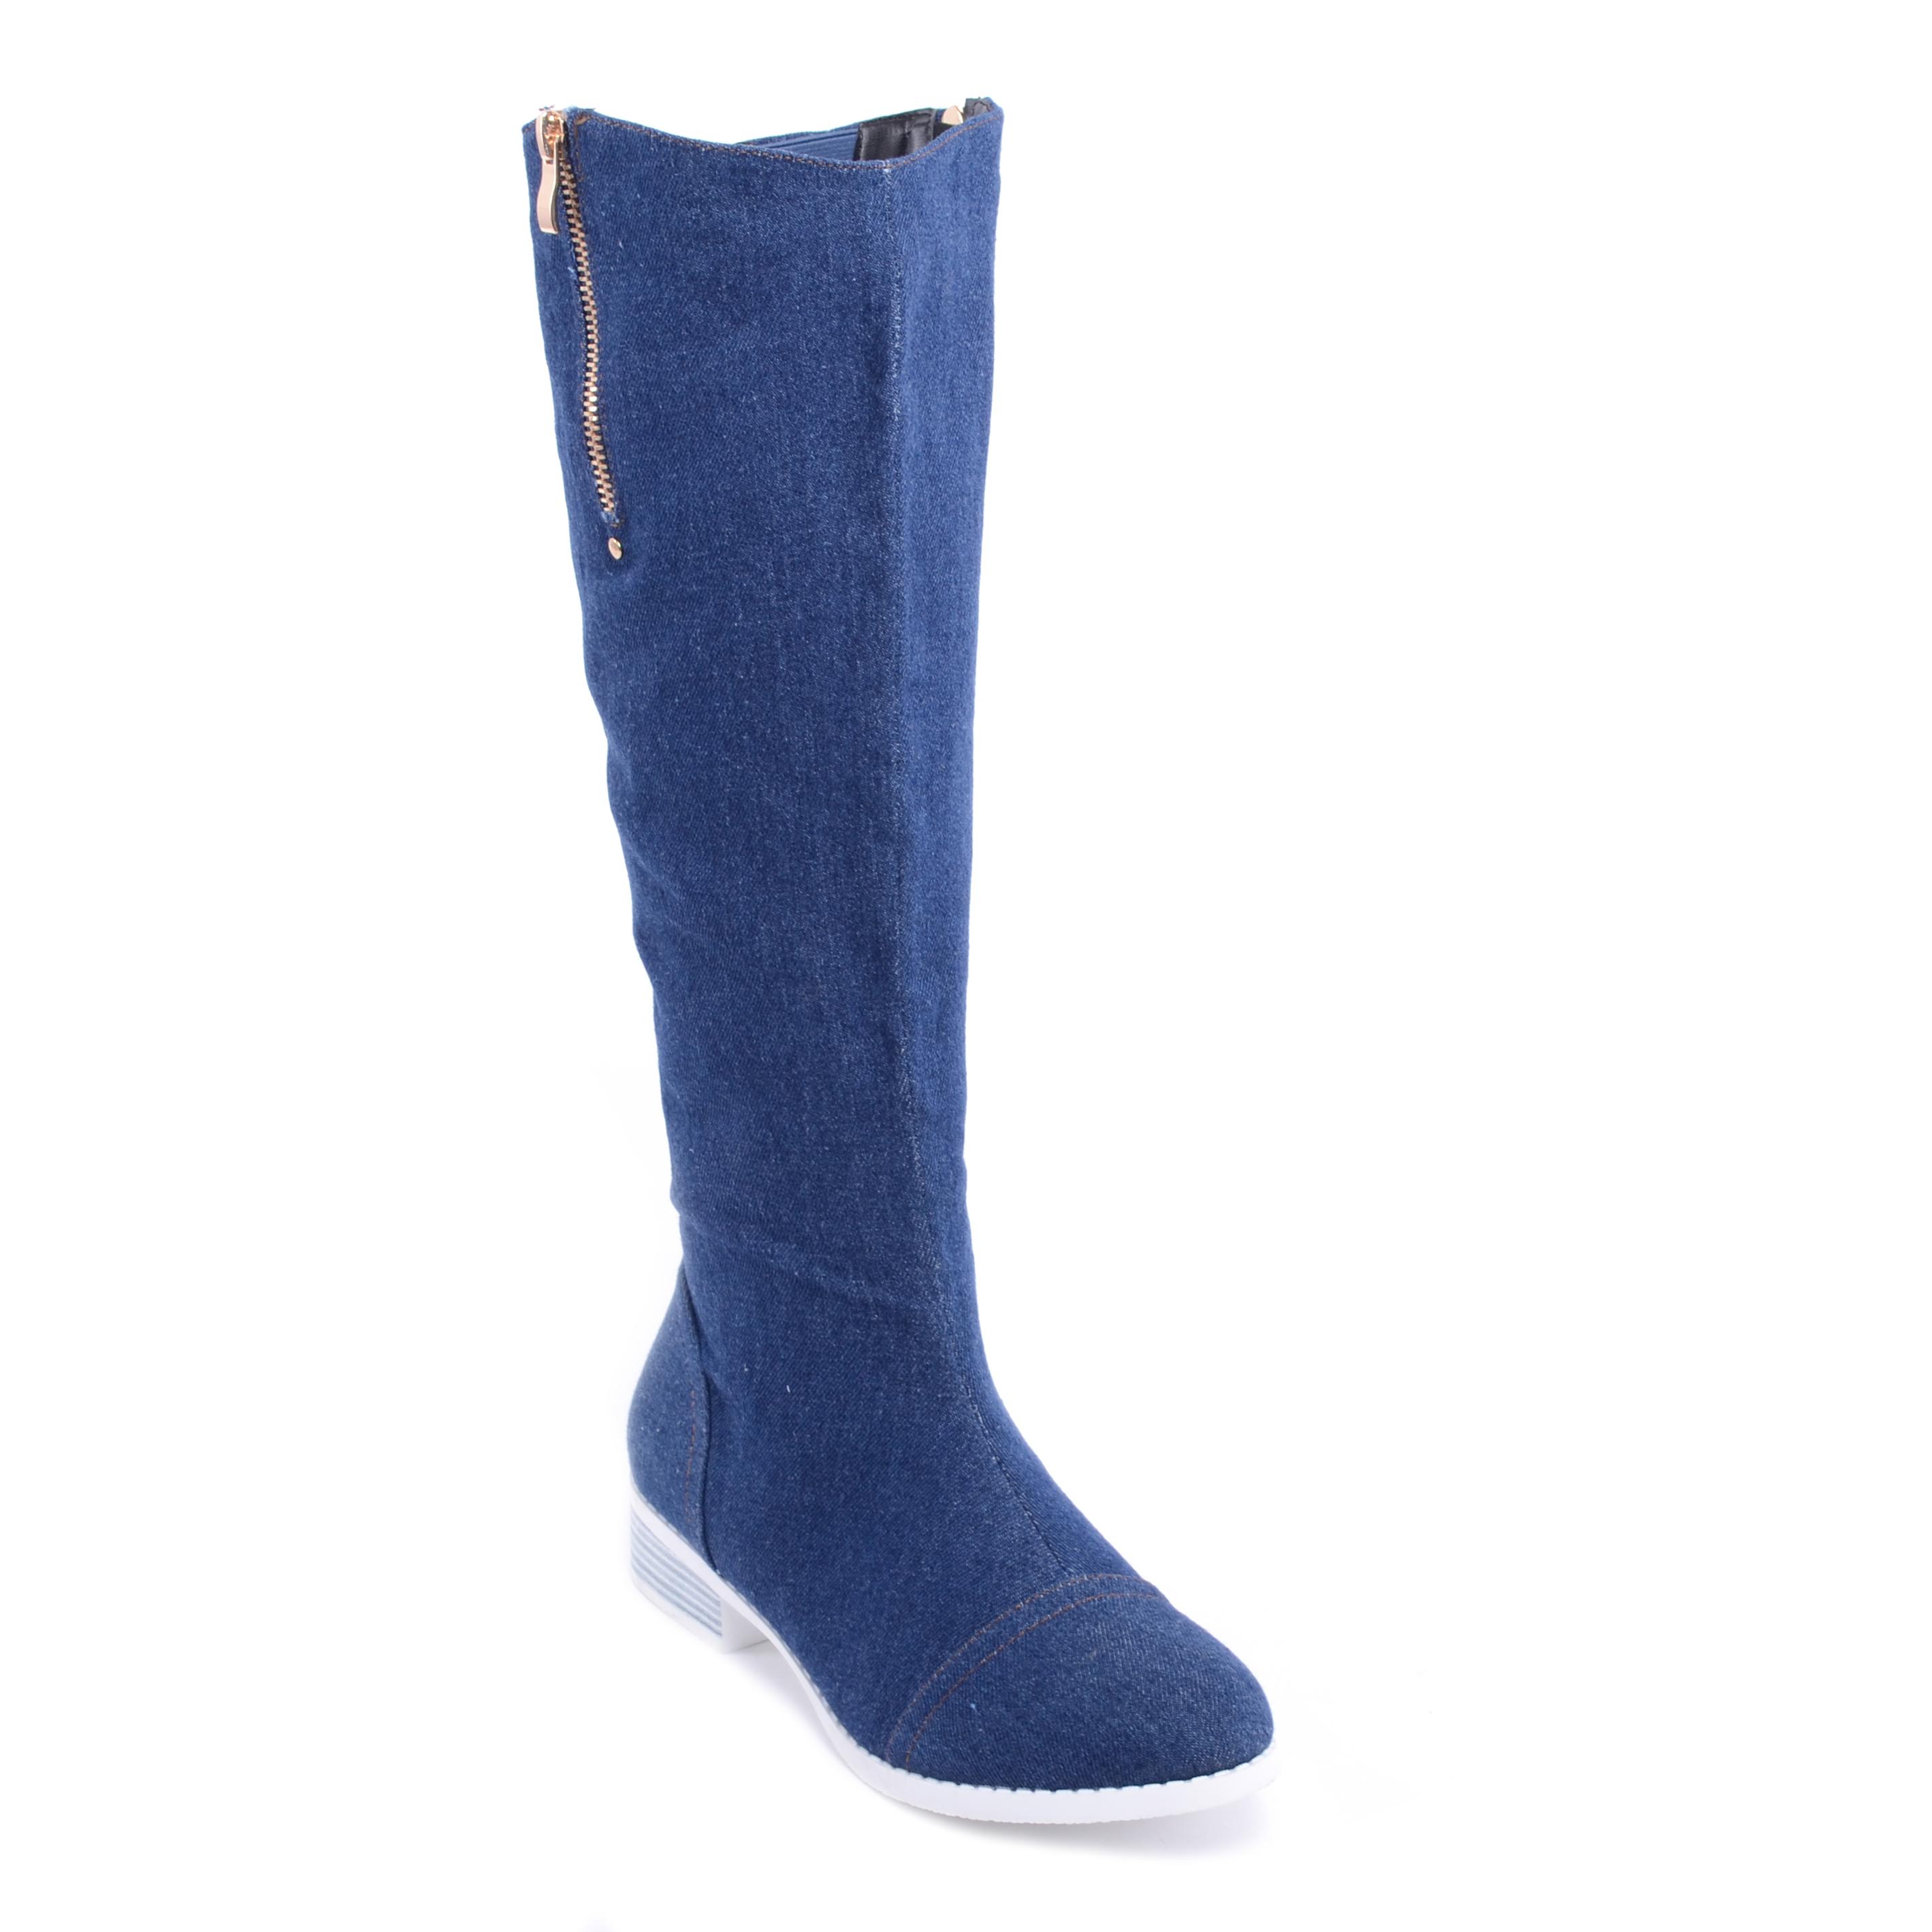 7340c49607 Női Farmer Magassarkú Csizma Sötétkék - MAGASSZÁRÚ CSIZMÁK - Női cipő  webáruház-női csizmák, női bakancsok, magassarkúk, női gumicsizma, magassarkú  csizma, ...